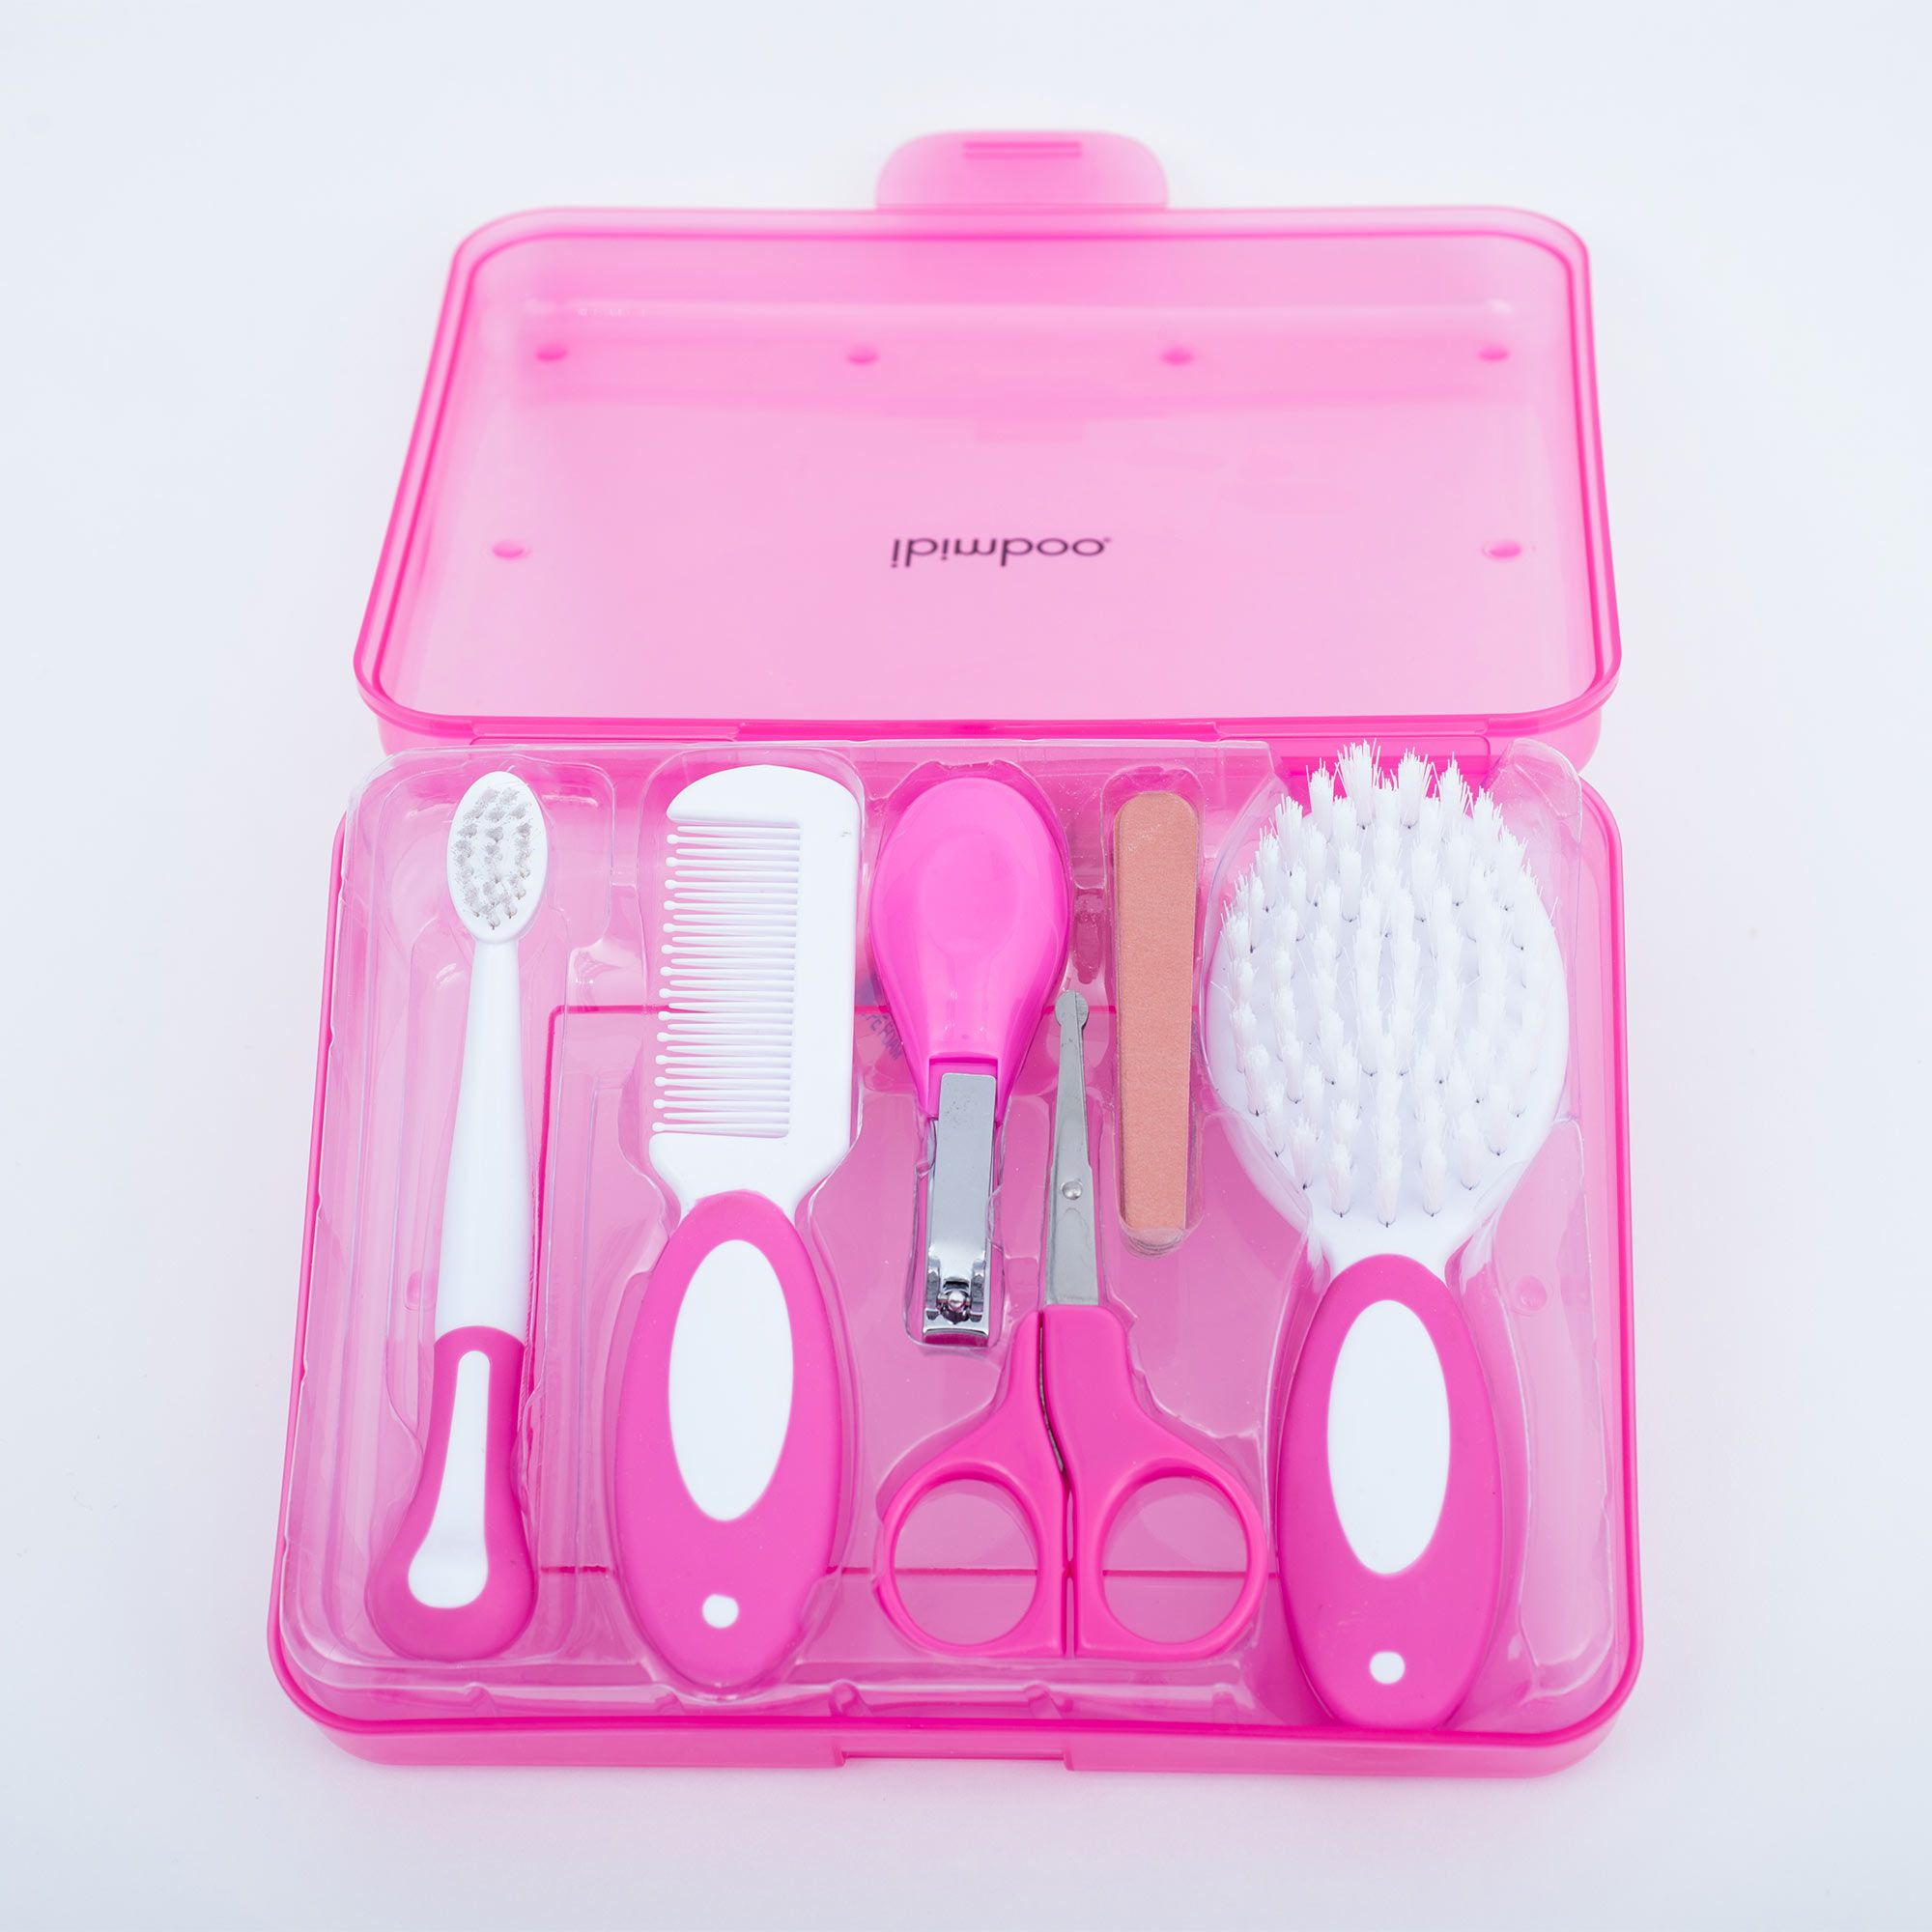 Kit Higiene Ibimboo - Pink